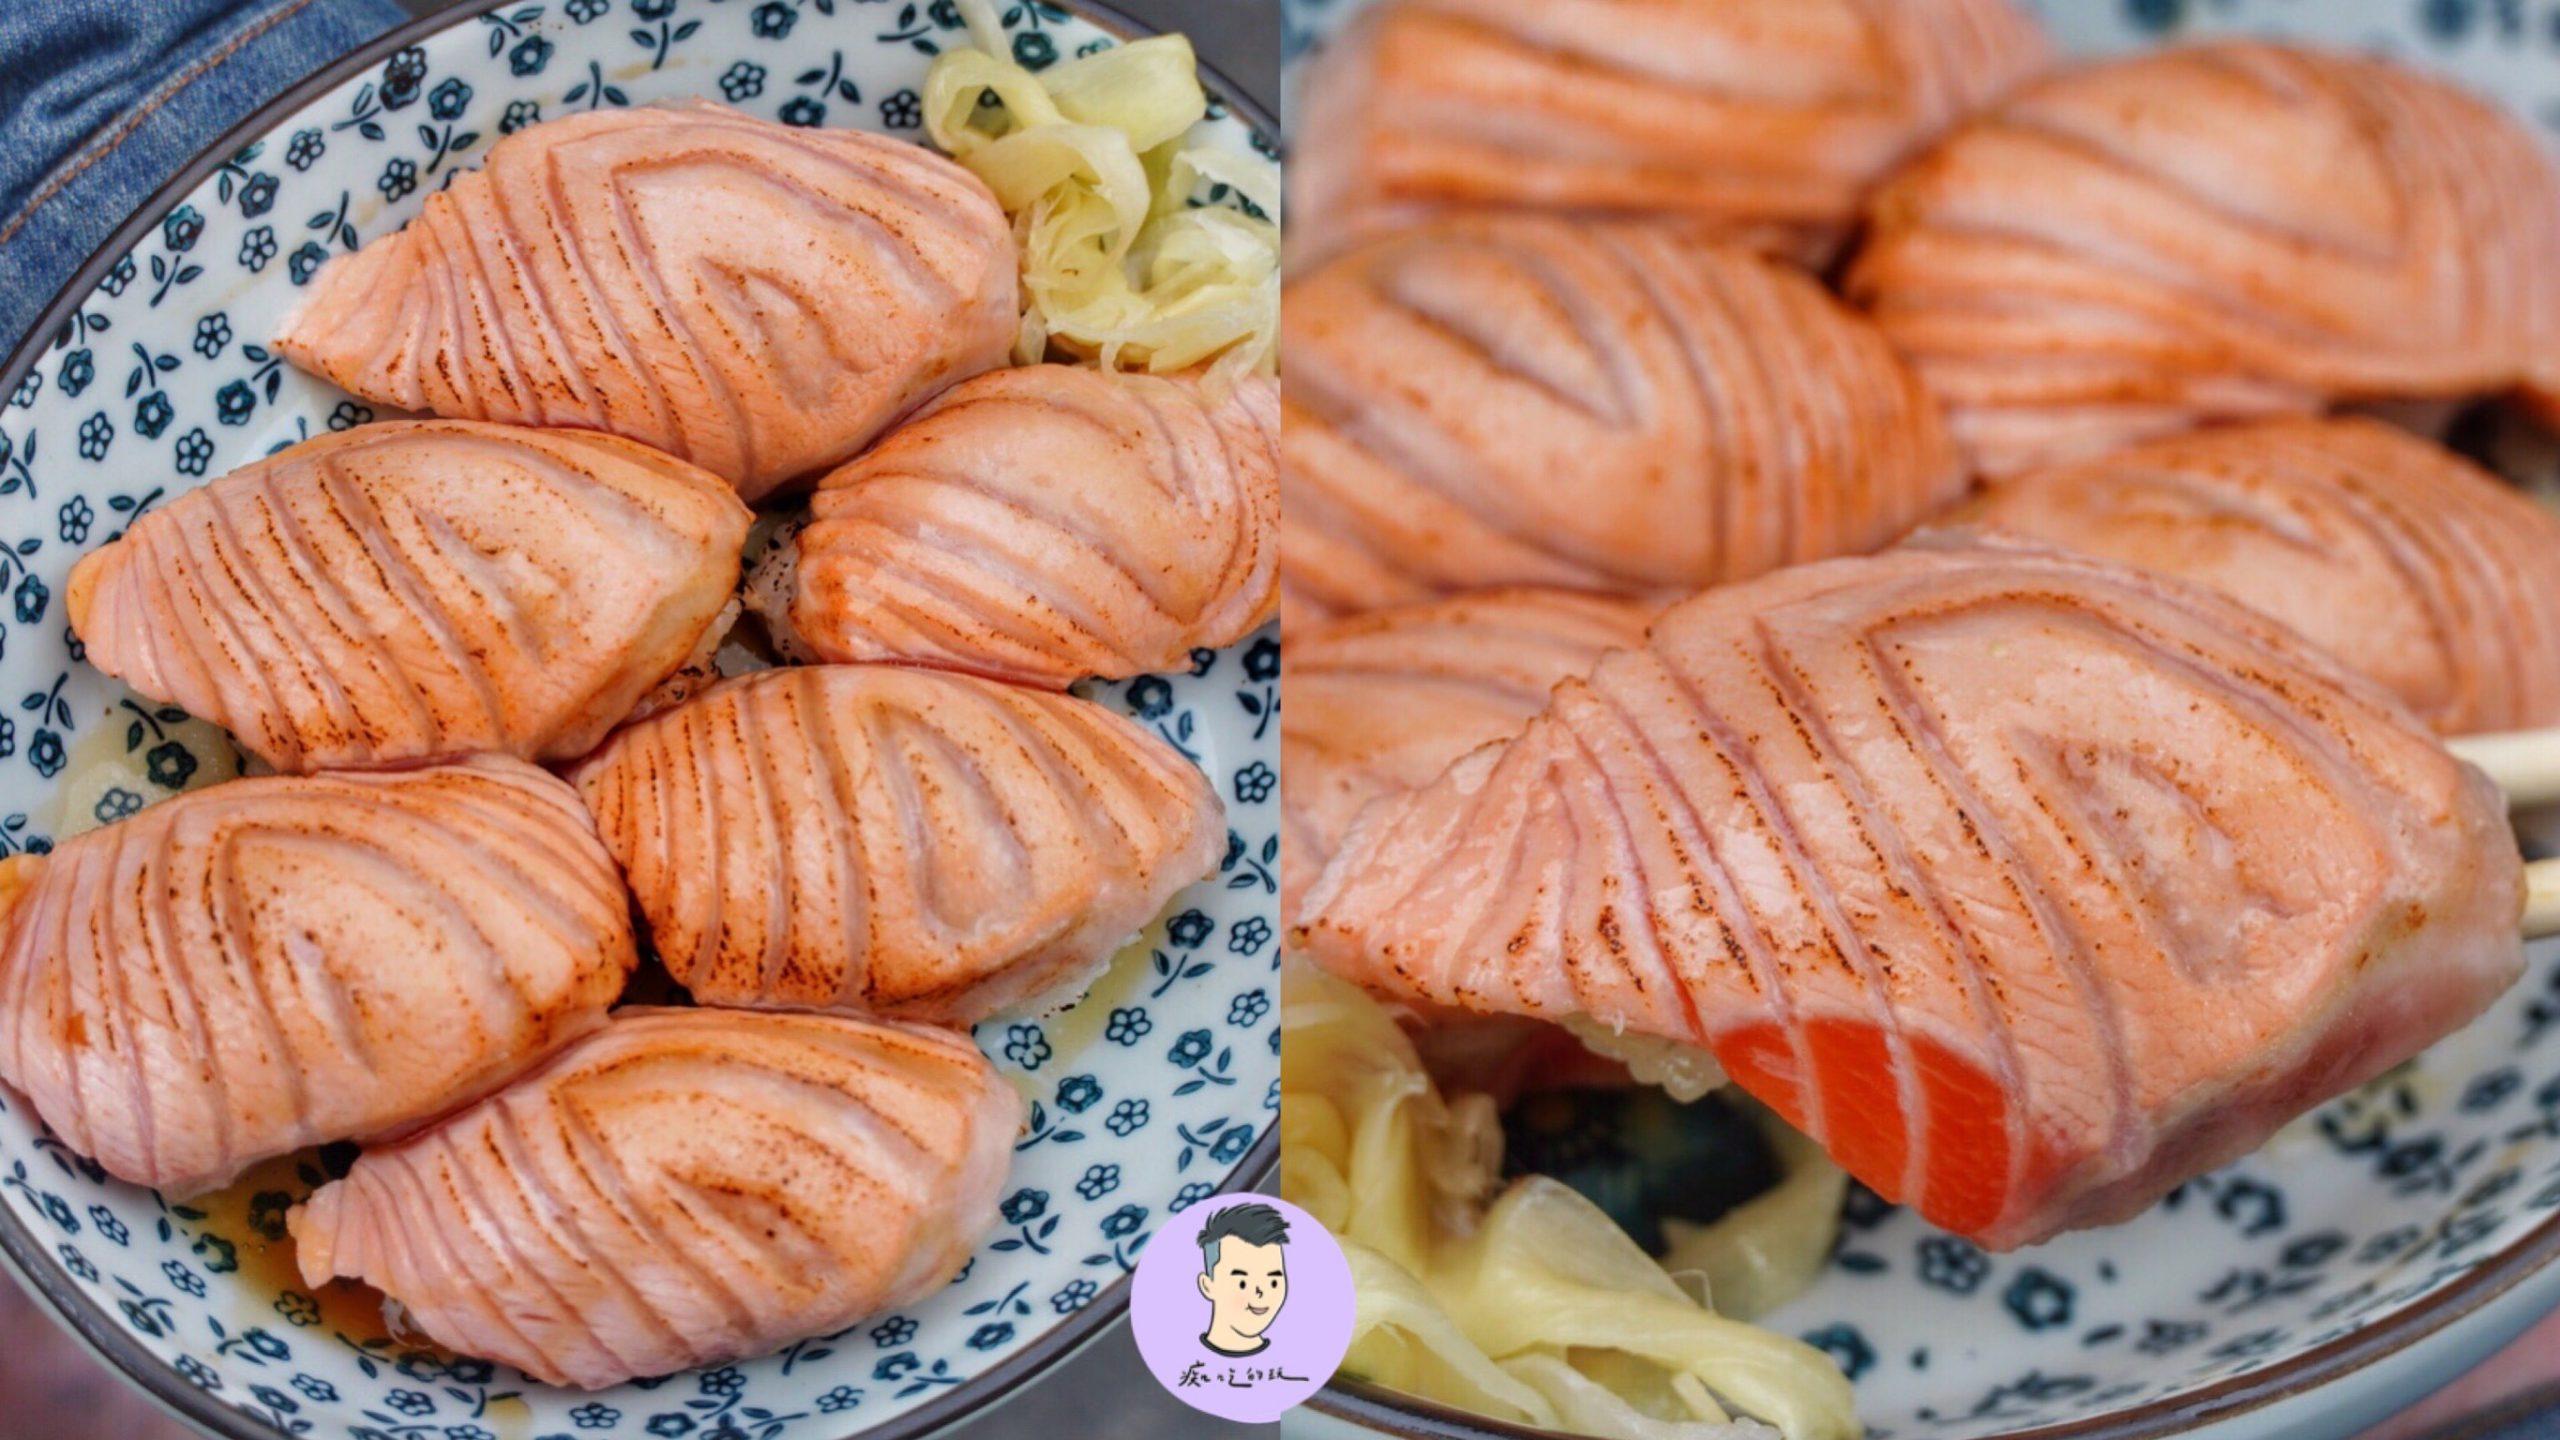 【台南美食】台南經典老字號路邊攤日料「橋壽司」炙燒鮭魚握壽司好大貫 – 中西區美食|炙燒鮭魚